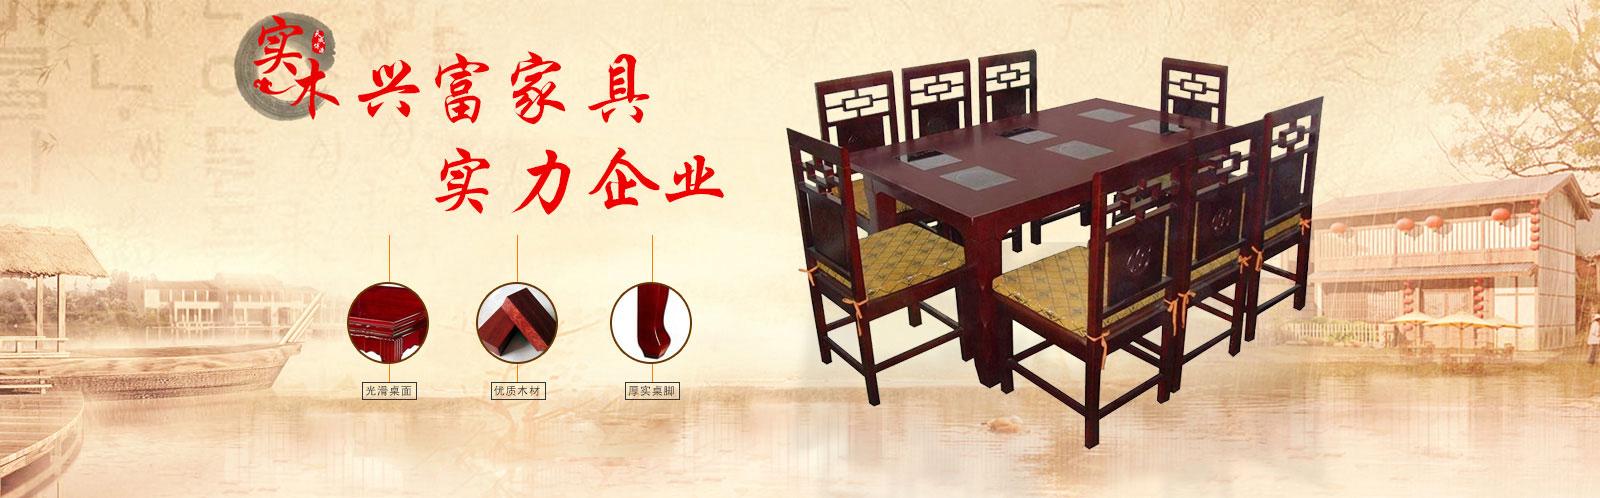 重庆火锅桌椅厂家